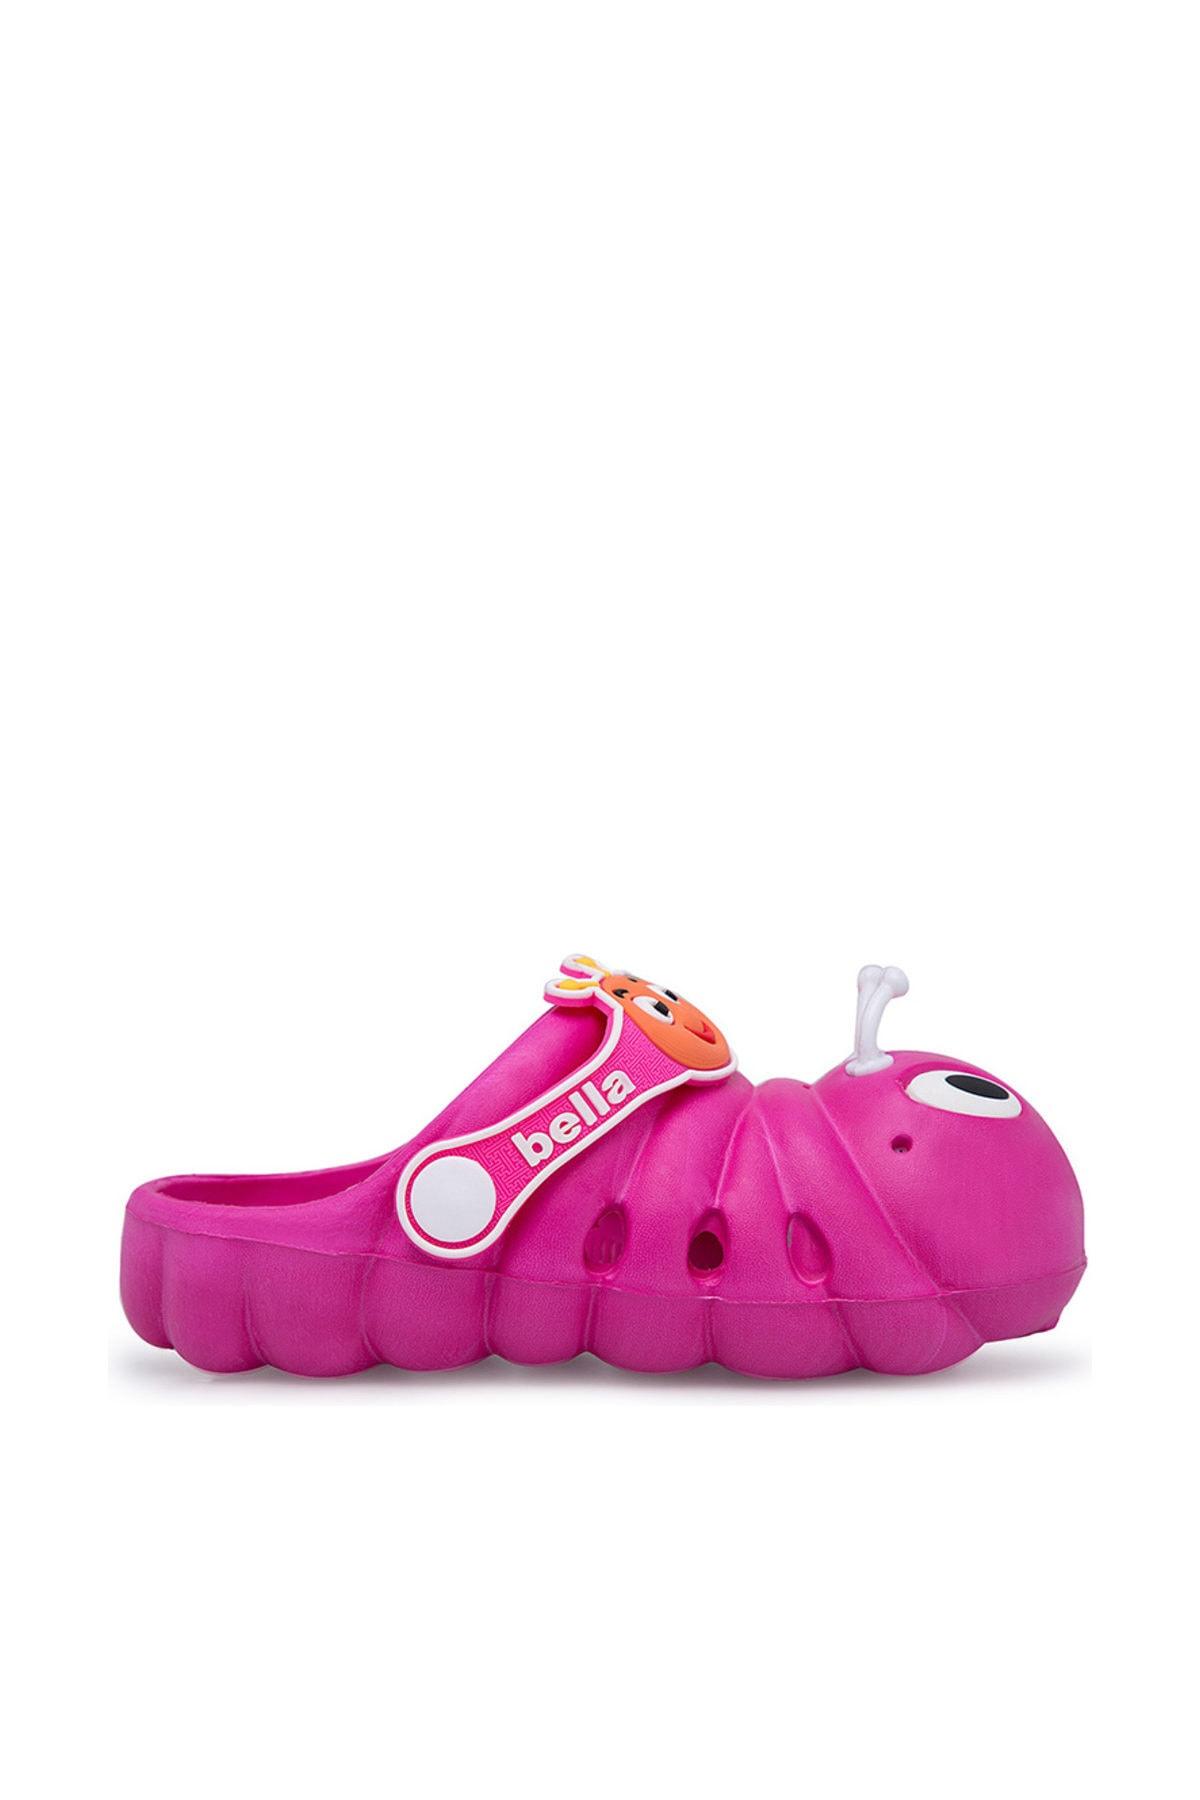 Akınal Bella Sandalet 4 SANDALET E082B003 1